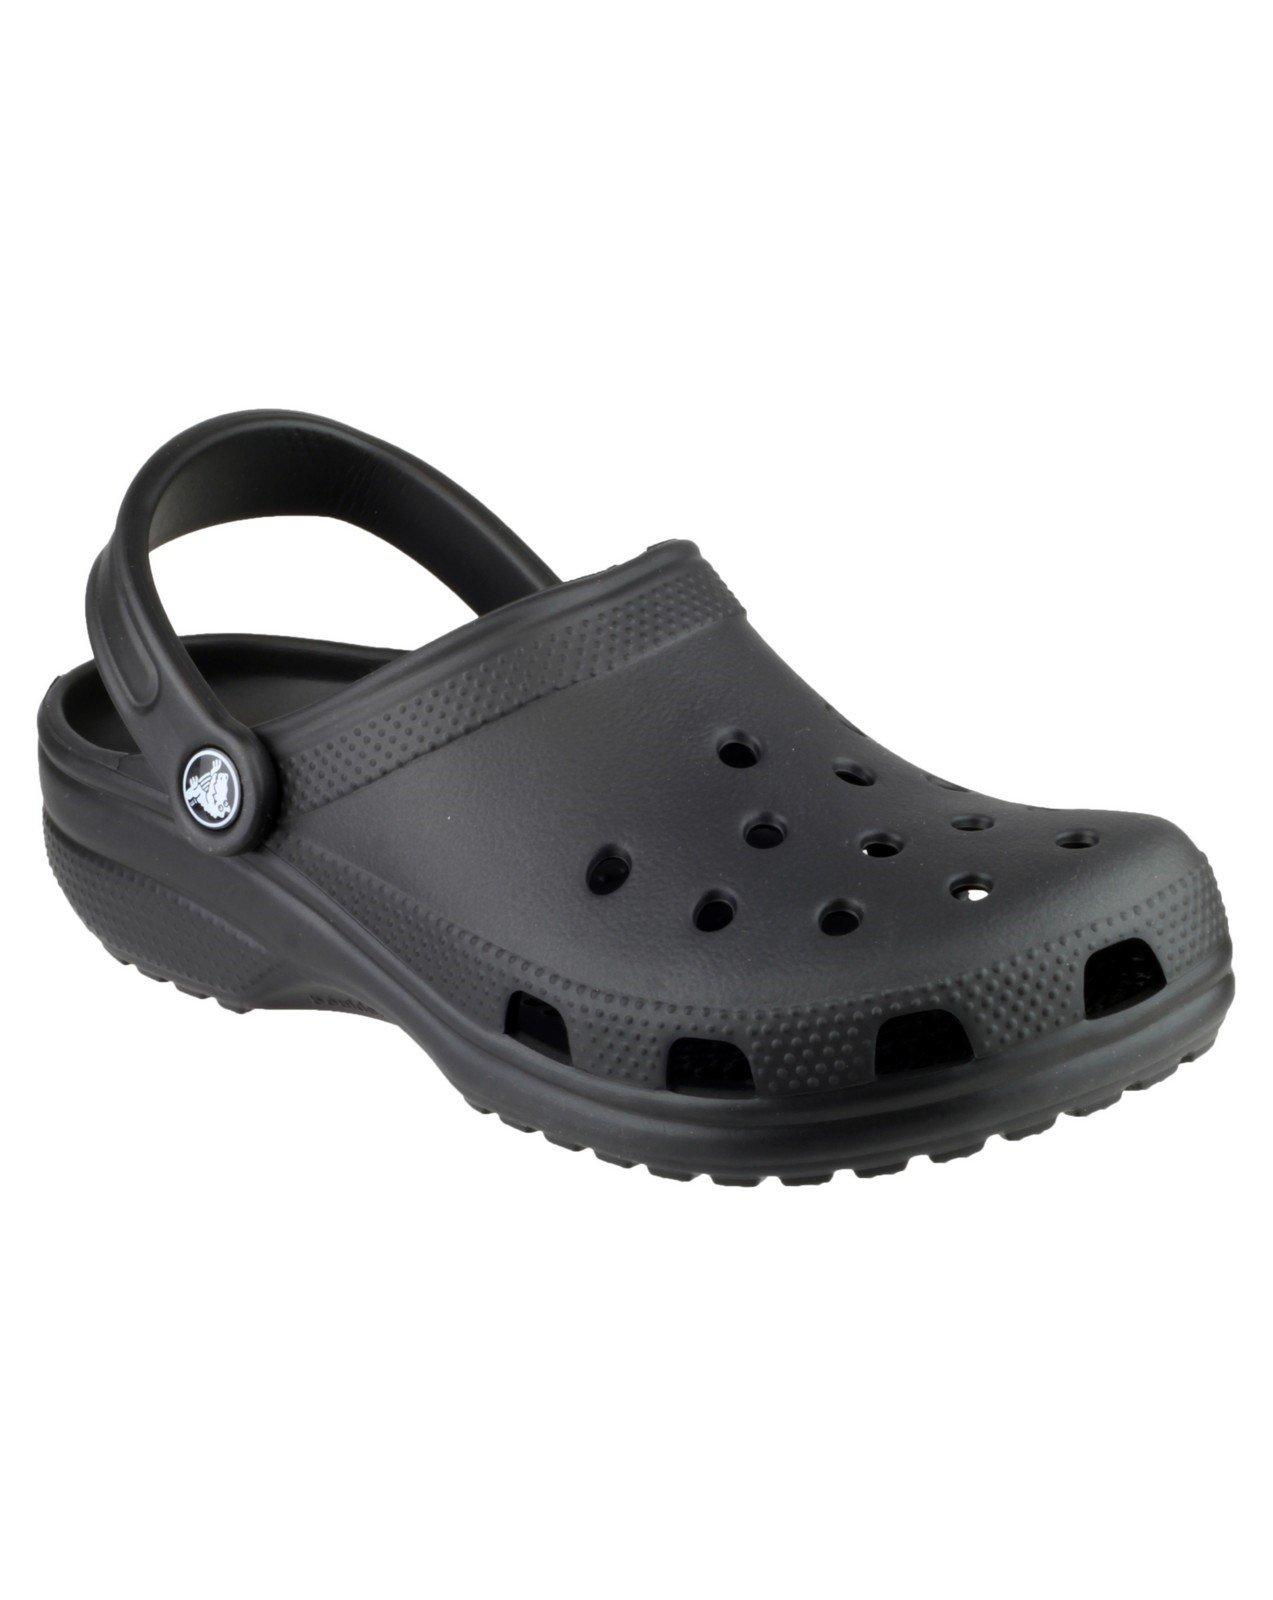 Crocs Unisex Classic Clog Sandal Various Colours 21060 - Black 10